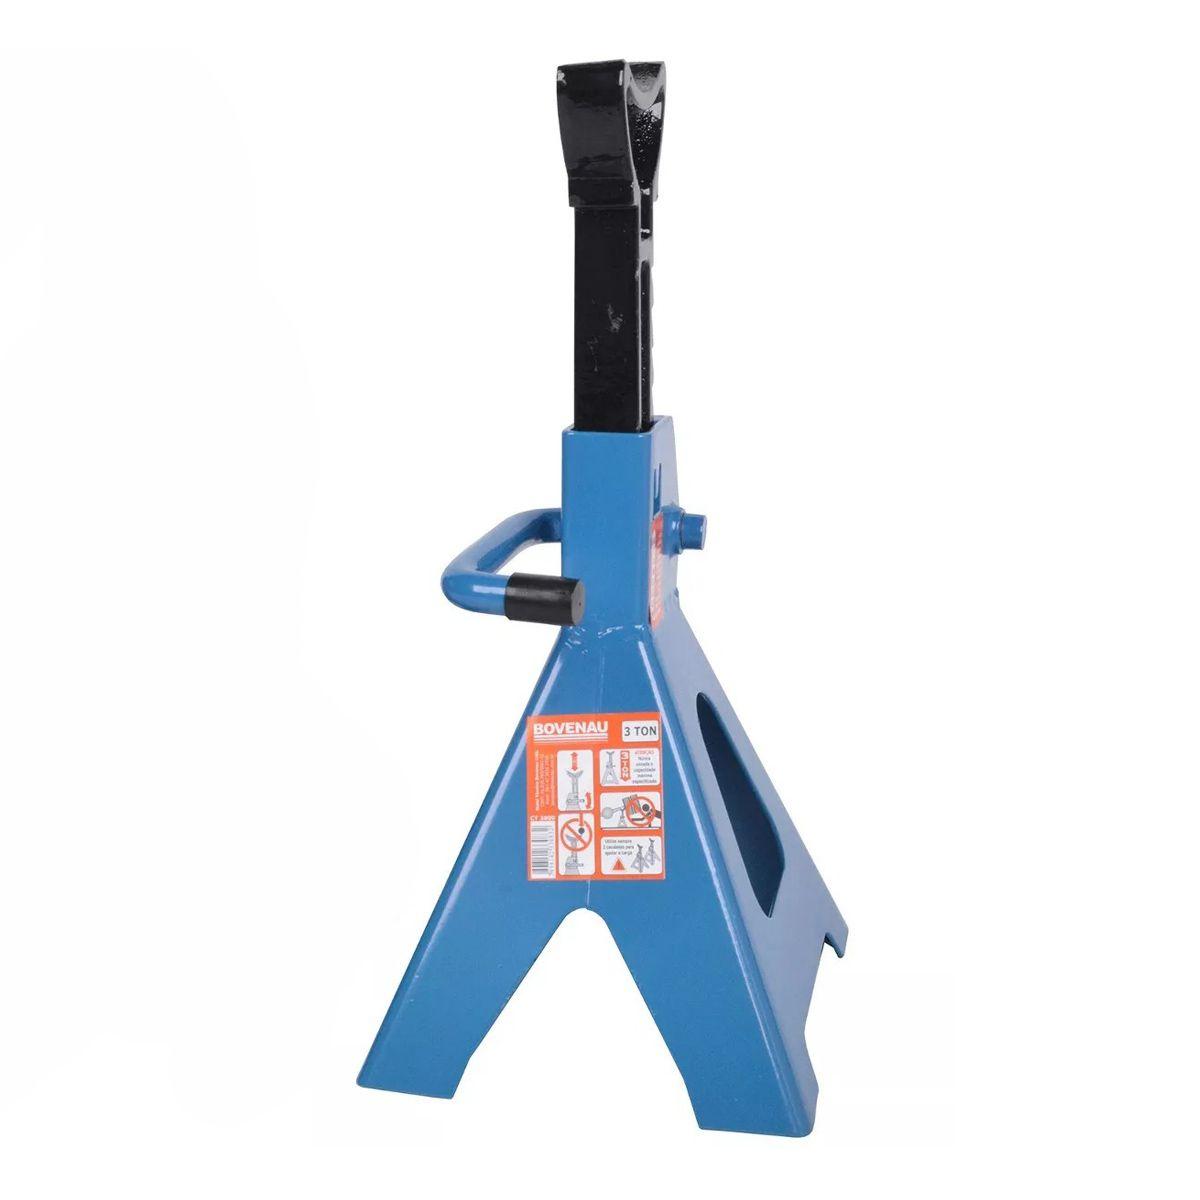 Cavalete Mecanico Capacidade 3 Toneladas Ct3000 – Bovenau